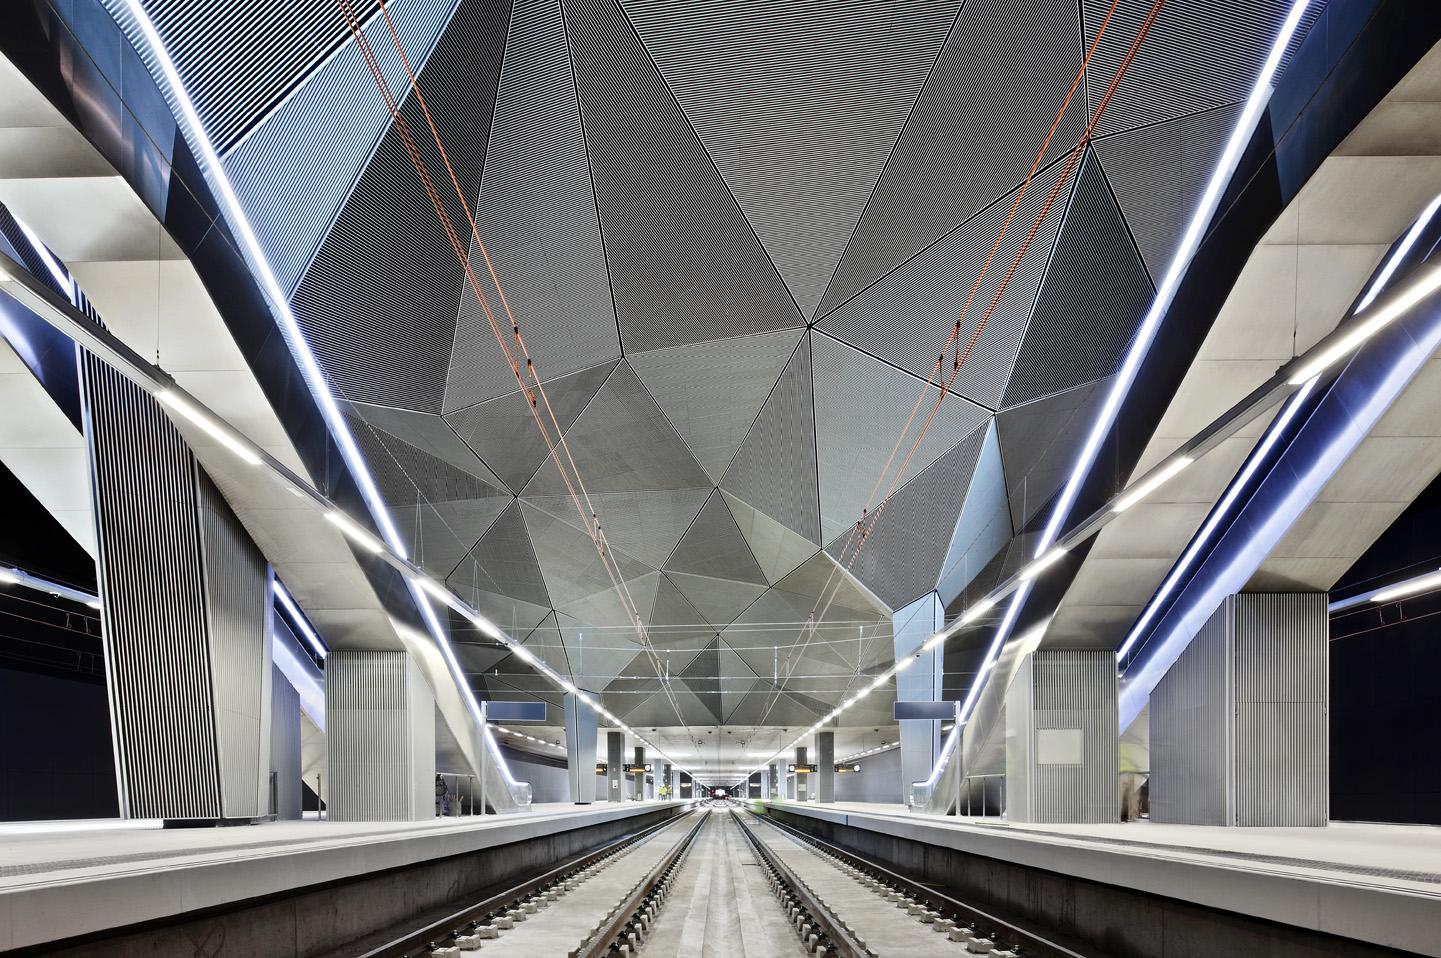 Imagen del interior de la Estación de Tren, andenes. José Hevia, 2011